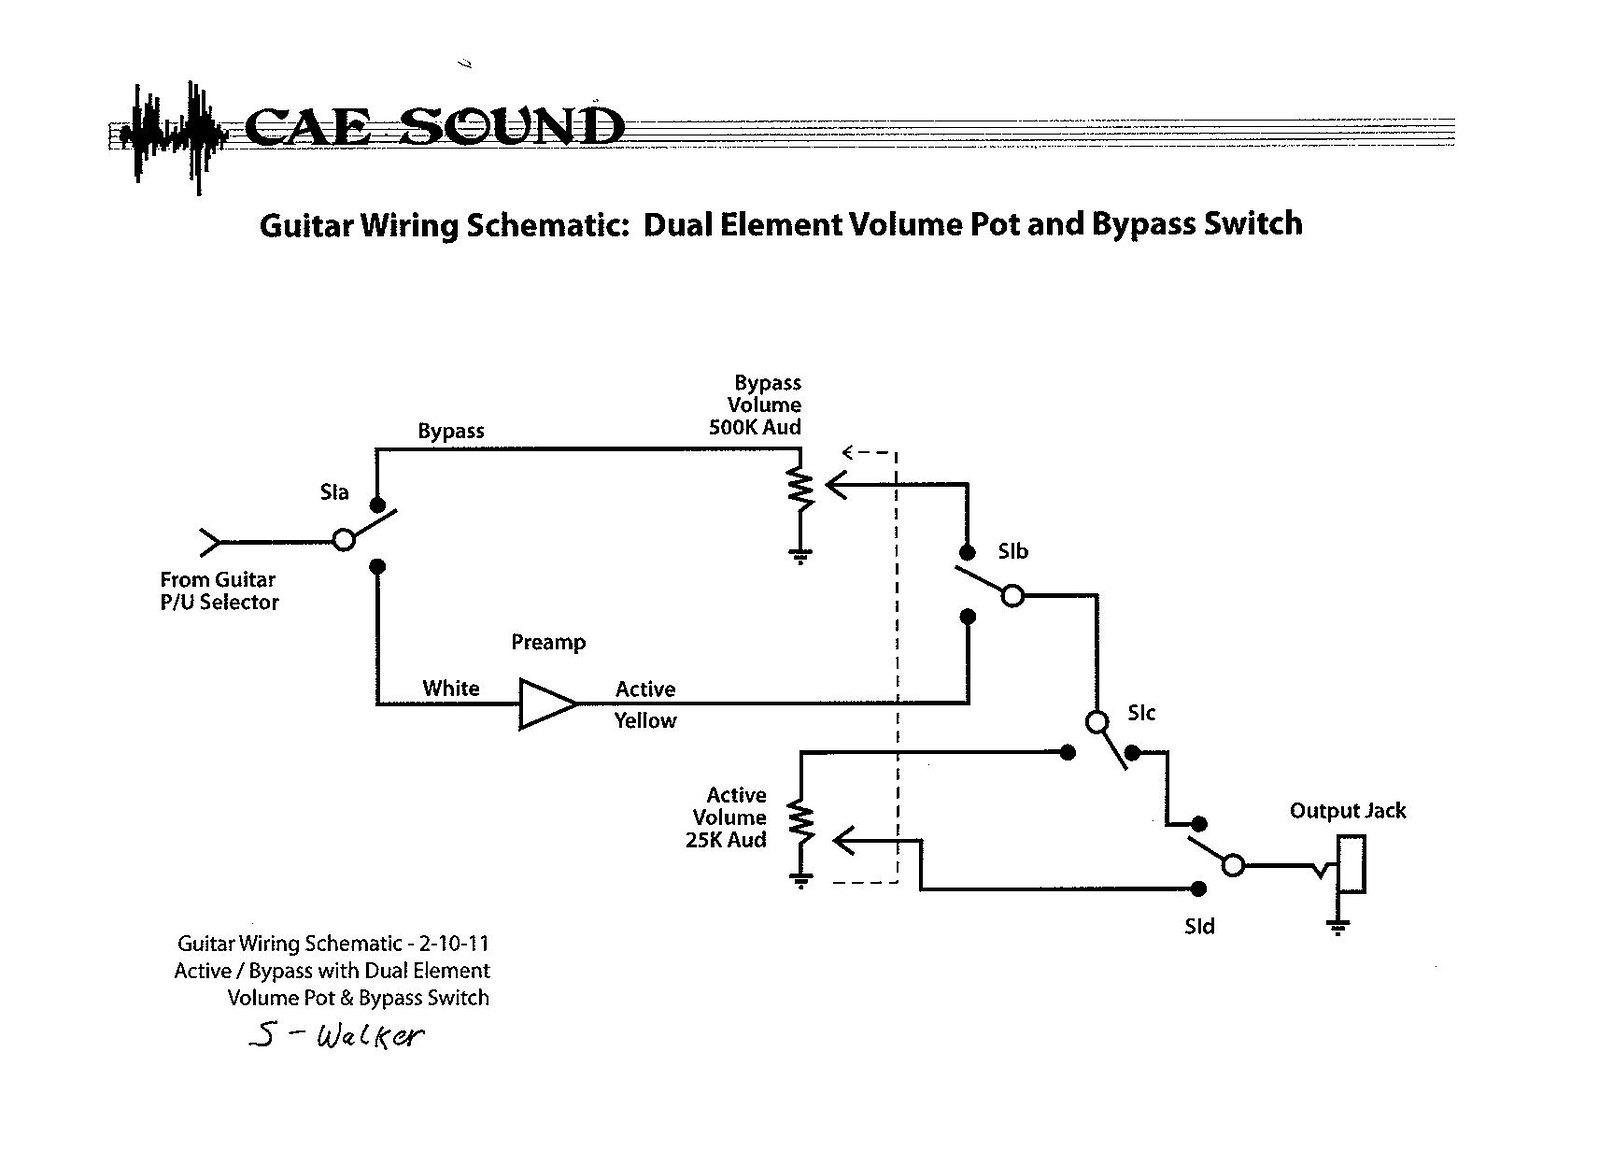 hight resolution of guitar wiring schematics wiring diagram origin arbor guitar wiring schematic guitar wiring schematic schema wiring diagram